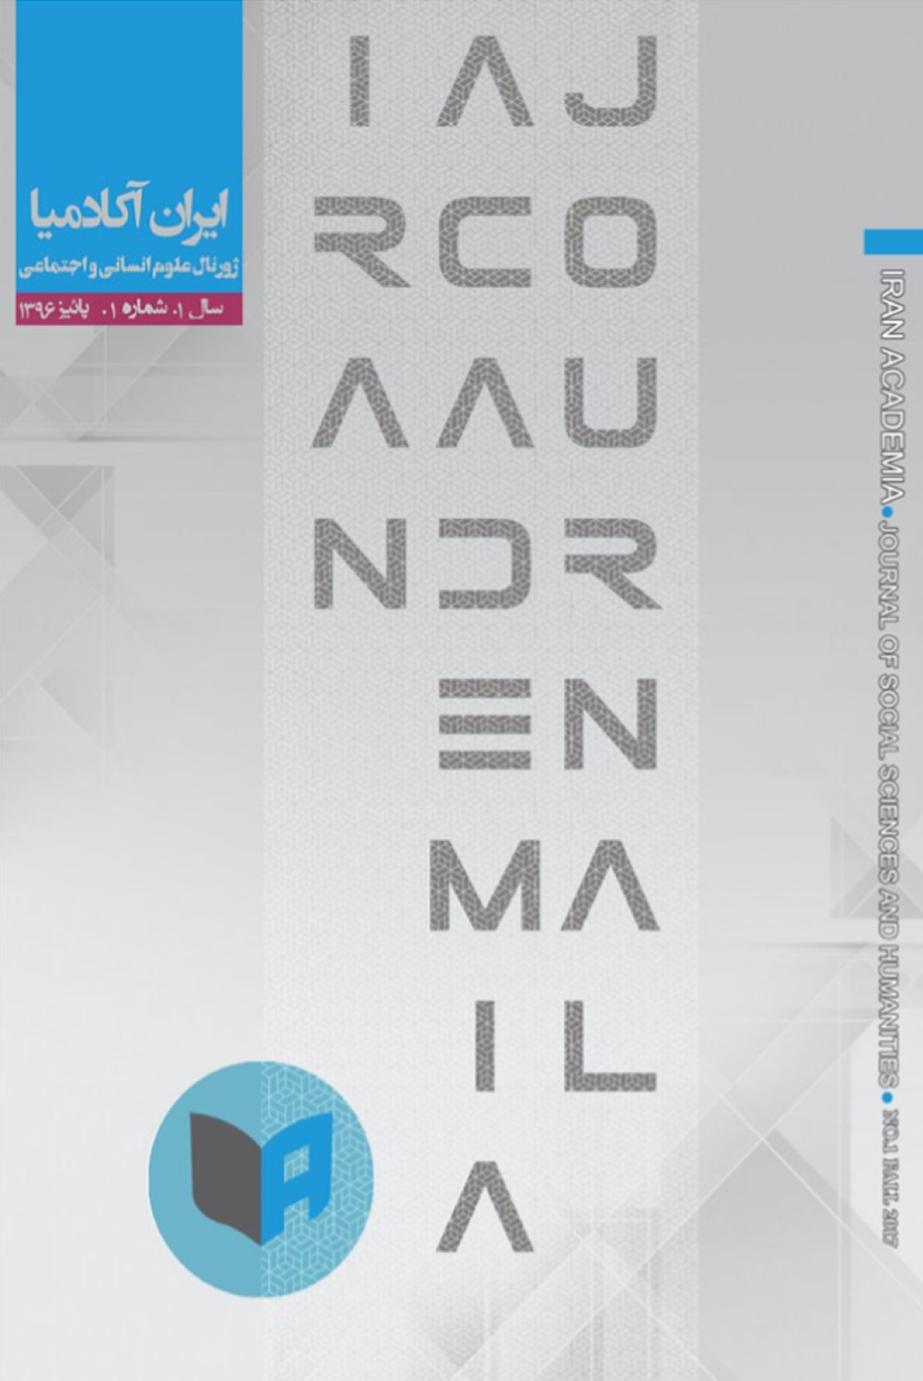 جلد یکمین شماره ژورنال ایران آکادمیا